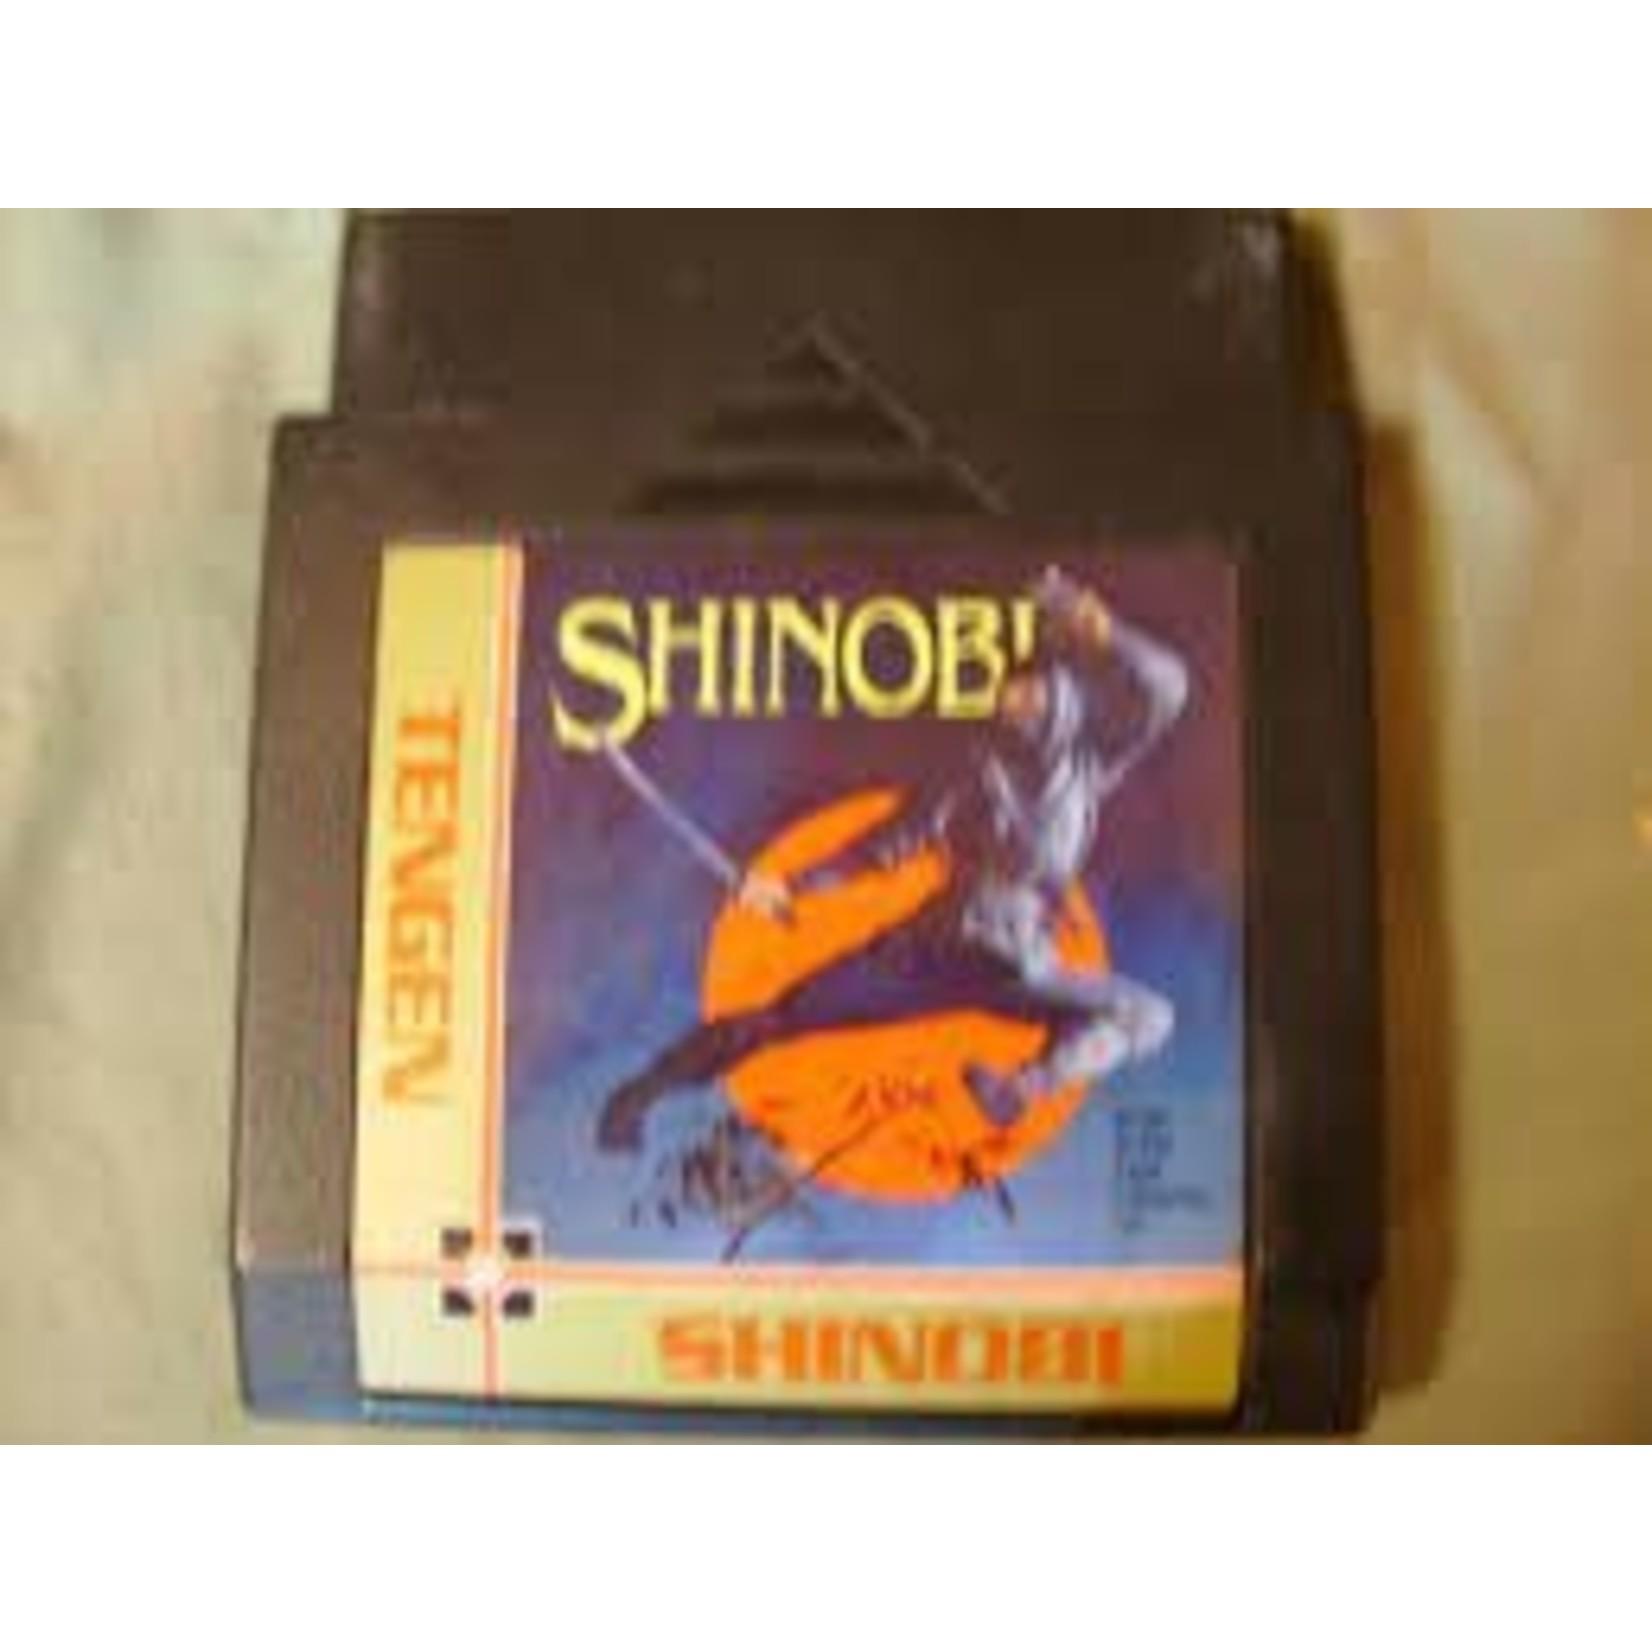 NESU-Shinobi TENGEN (CART ONLY)